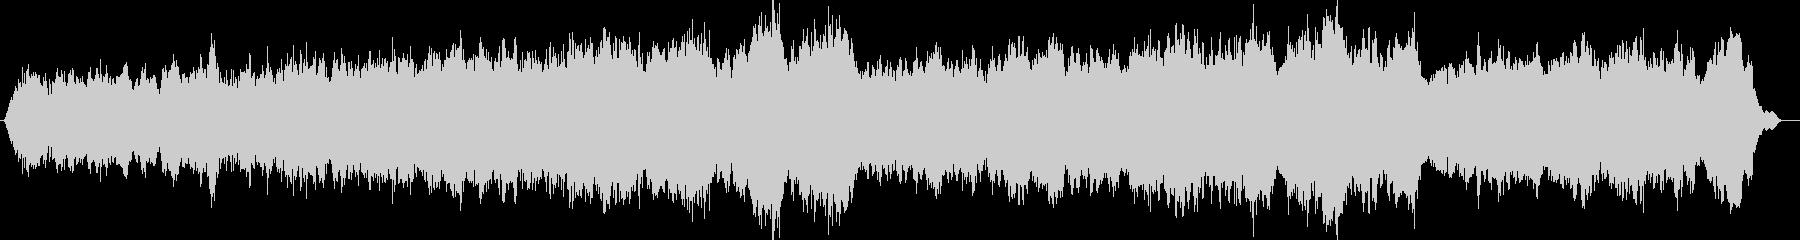 雄大な山のようなヒーリングミューッジックの未再生の波形